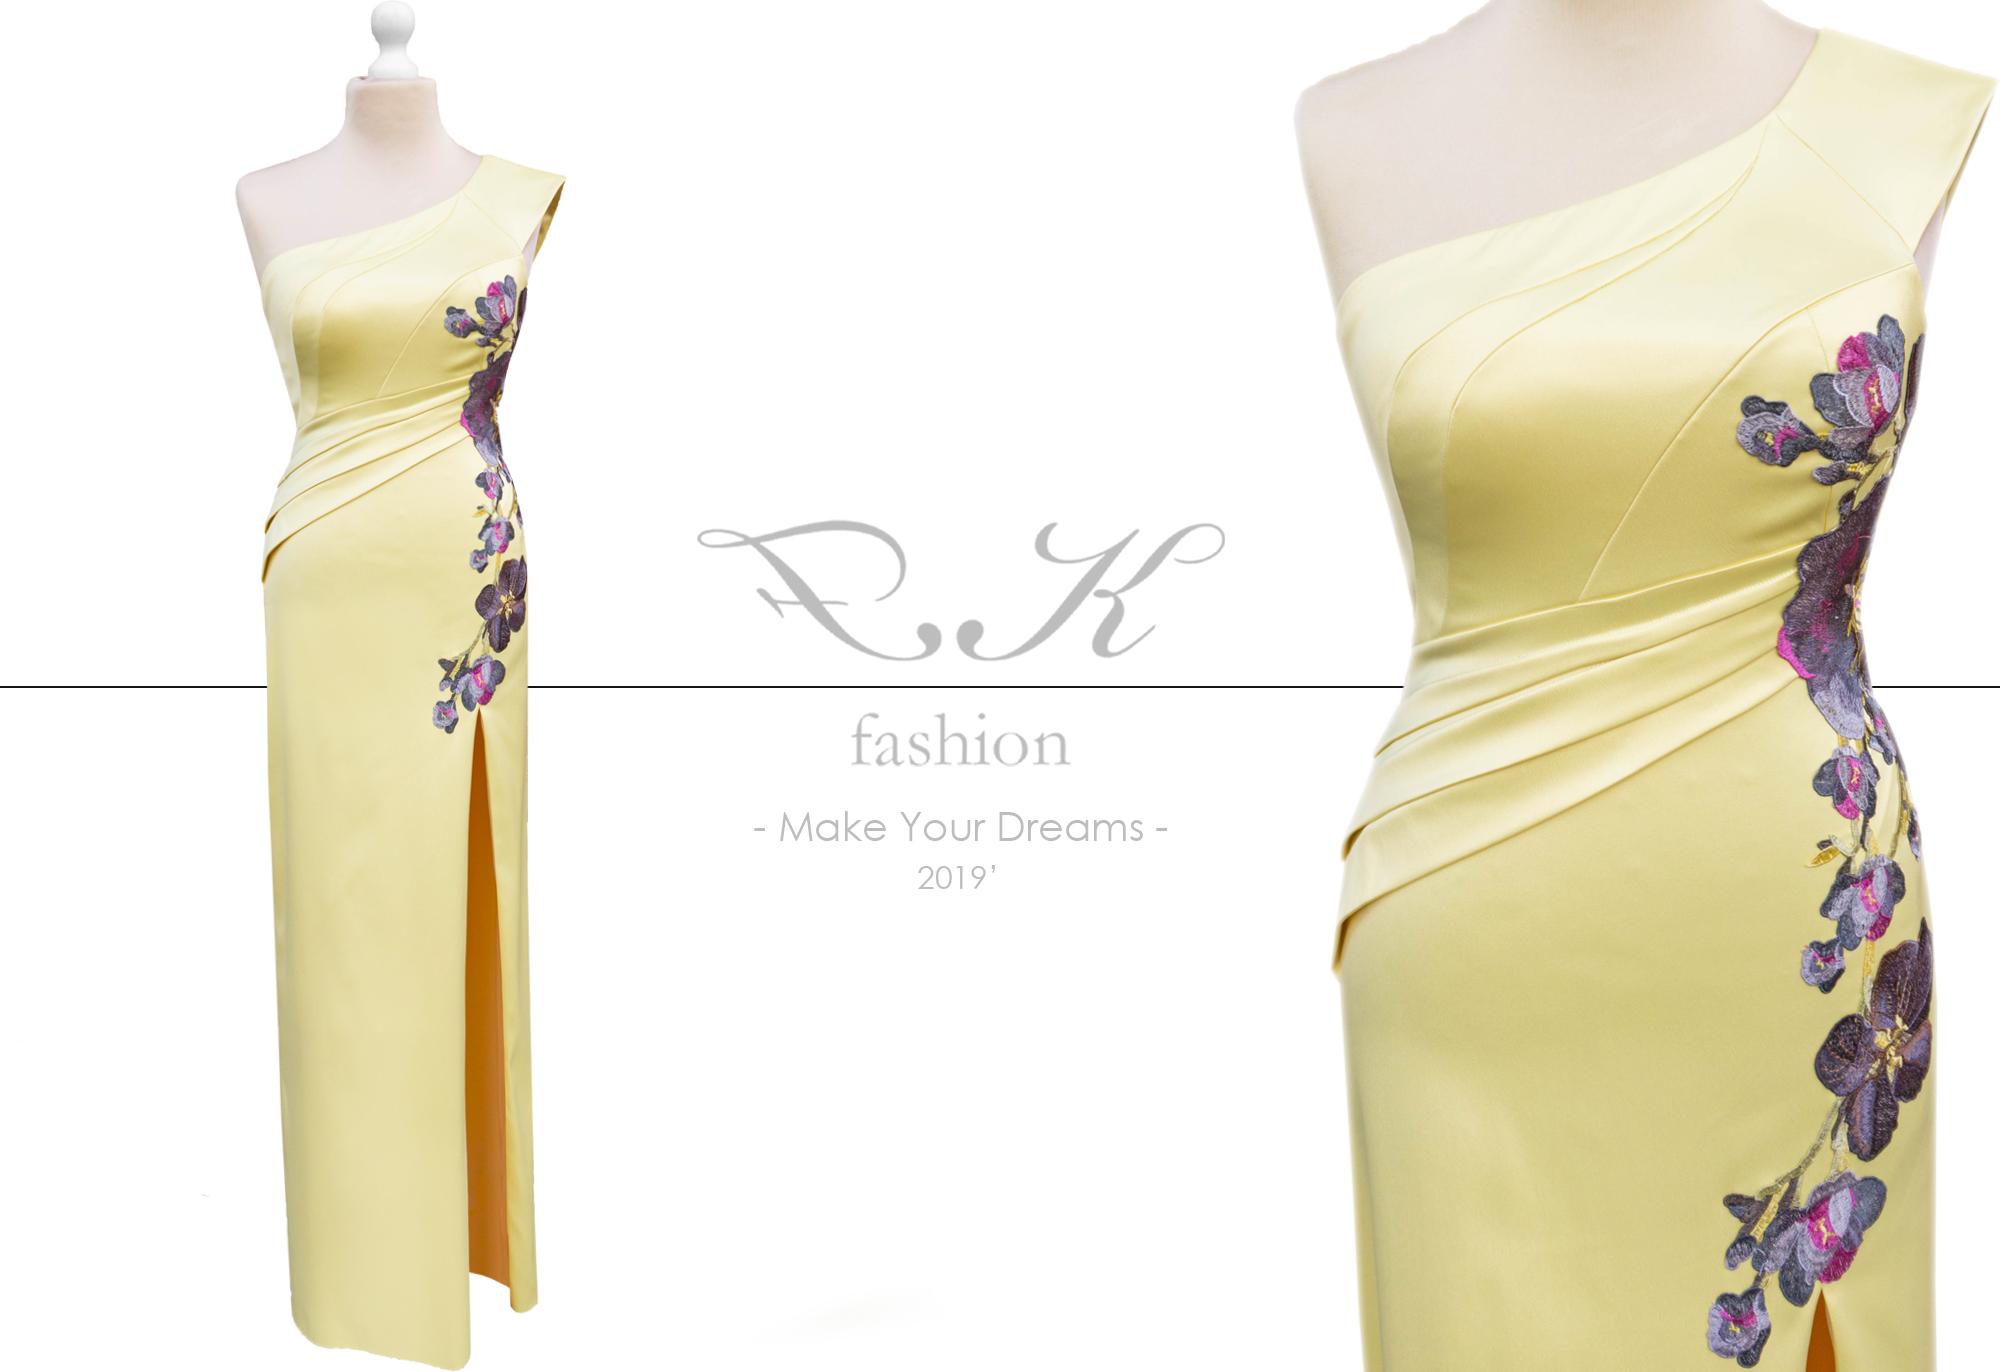 fc00010938 Textil: rugalmas kevert szövet, hímzett motívum Méret: 36′-38′ Ár:  165.000.- helyett 135.000.- HUF